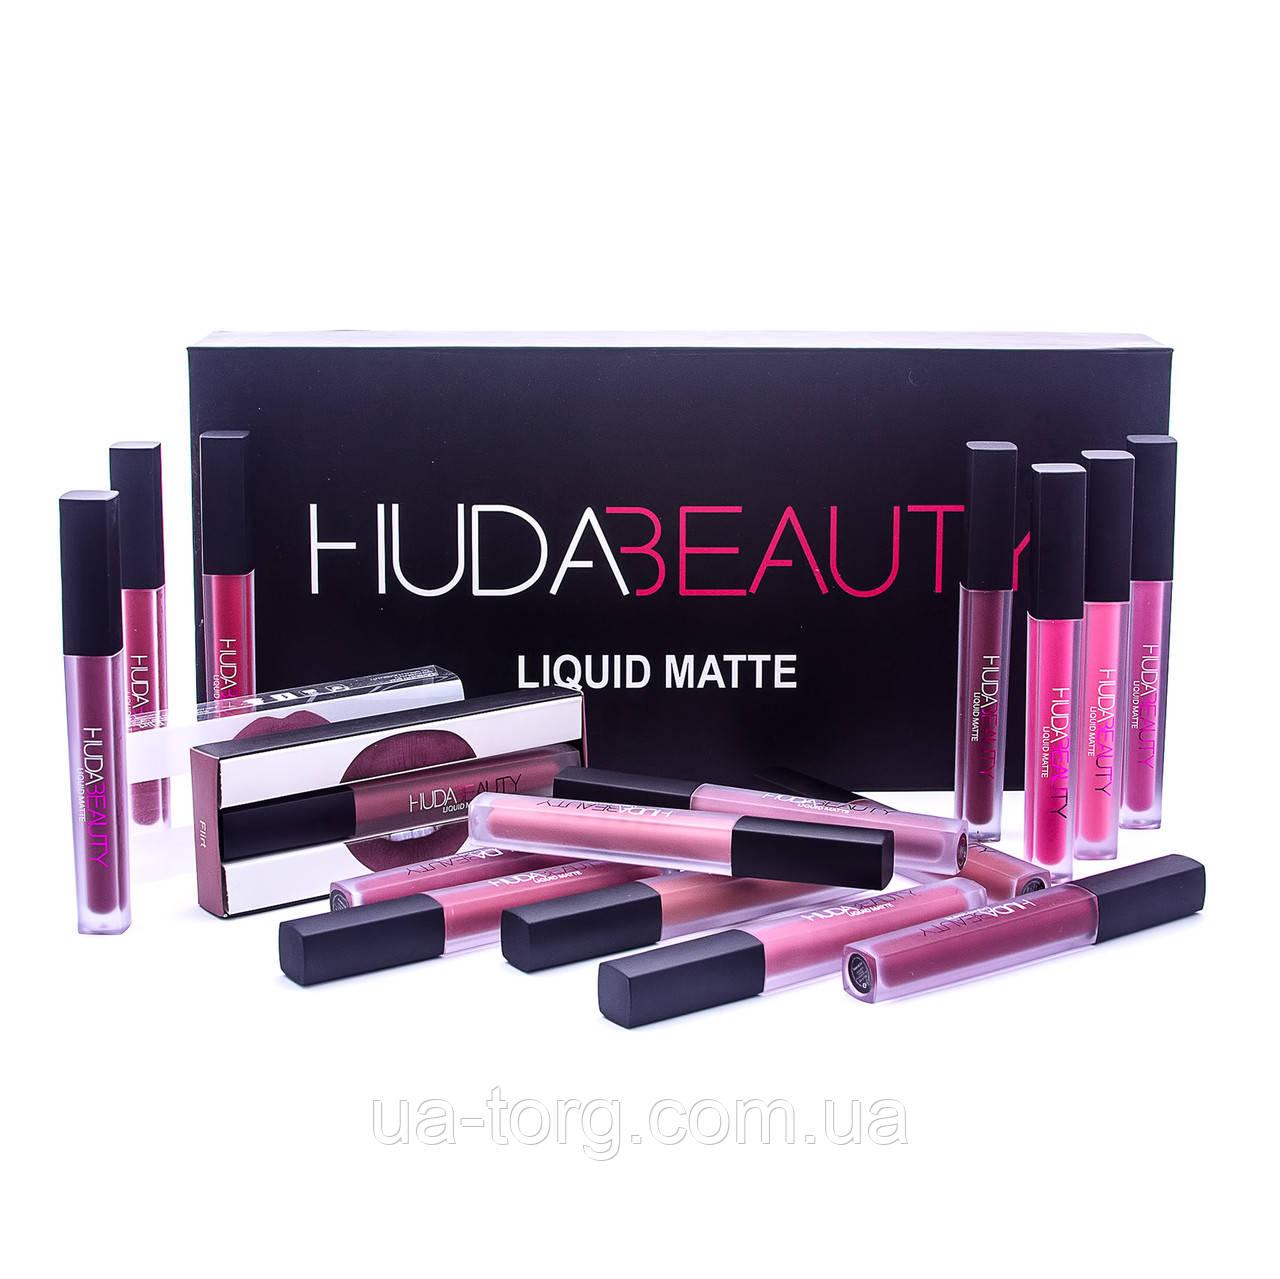 Набор матовых помад для губ Huda Beauty Liquid Matte Full Collection МЯТАЯ УПАКОВКА